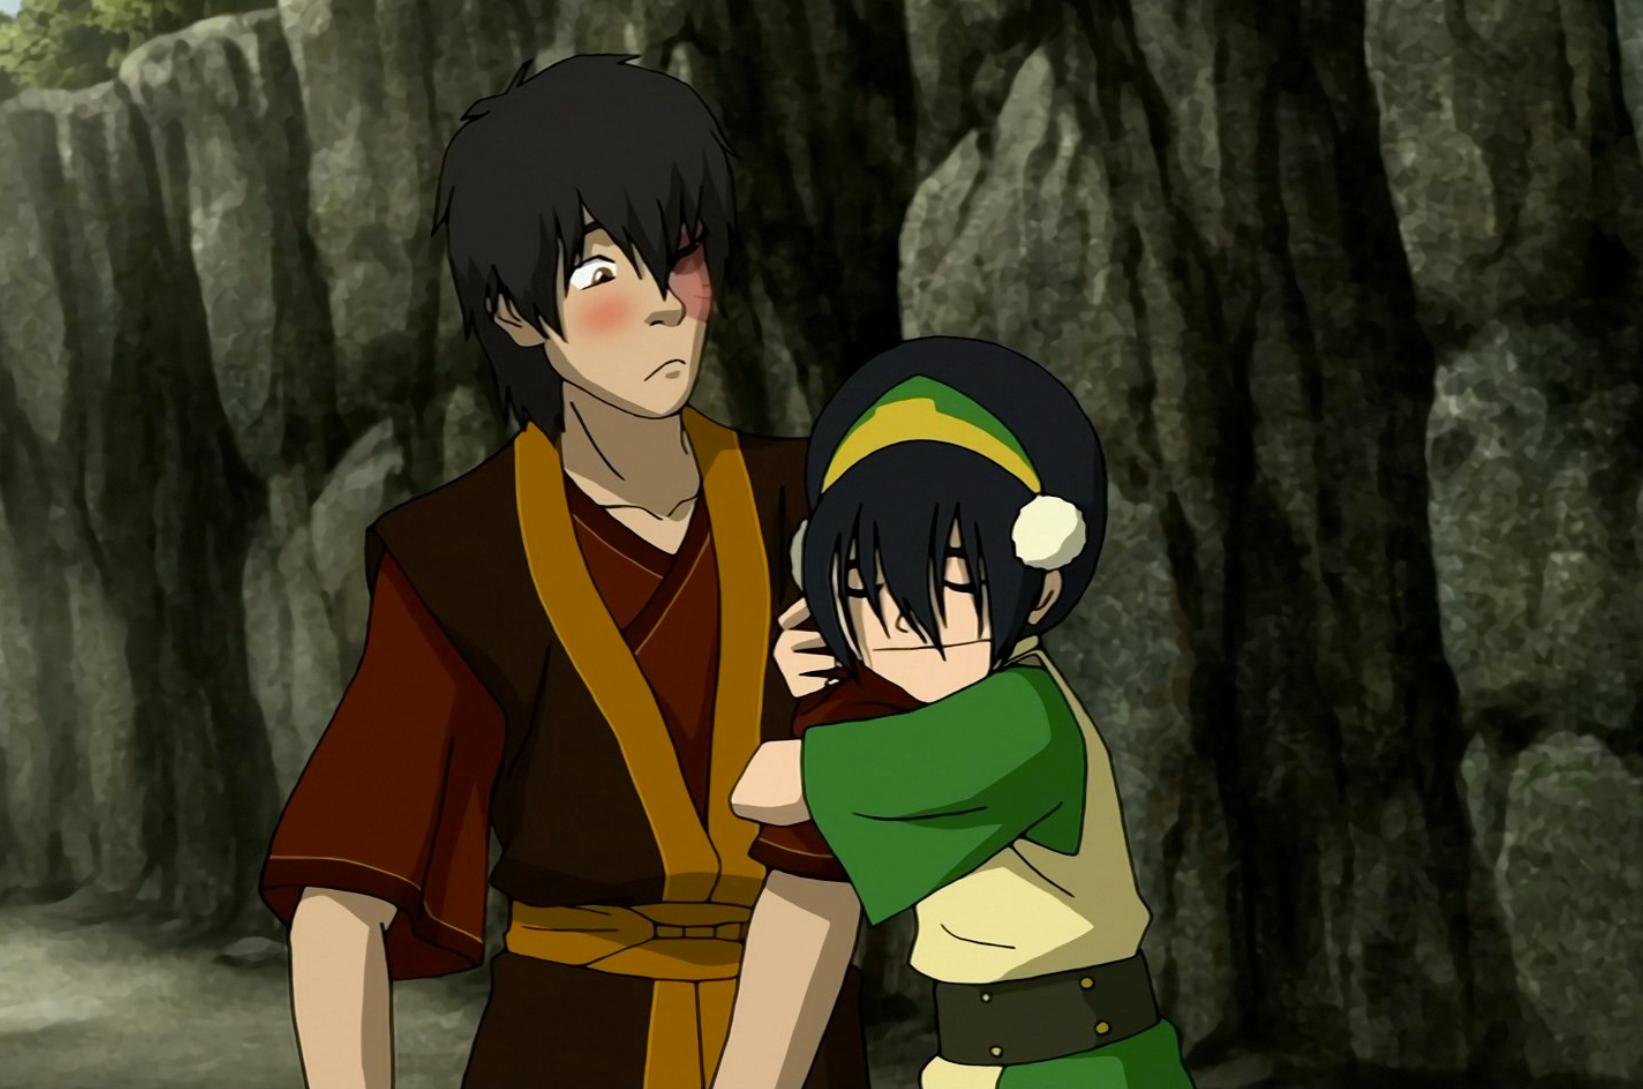 toph hugging zuko avatar